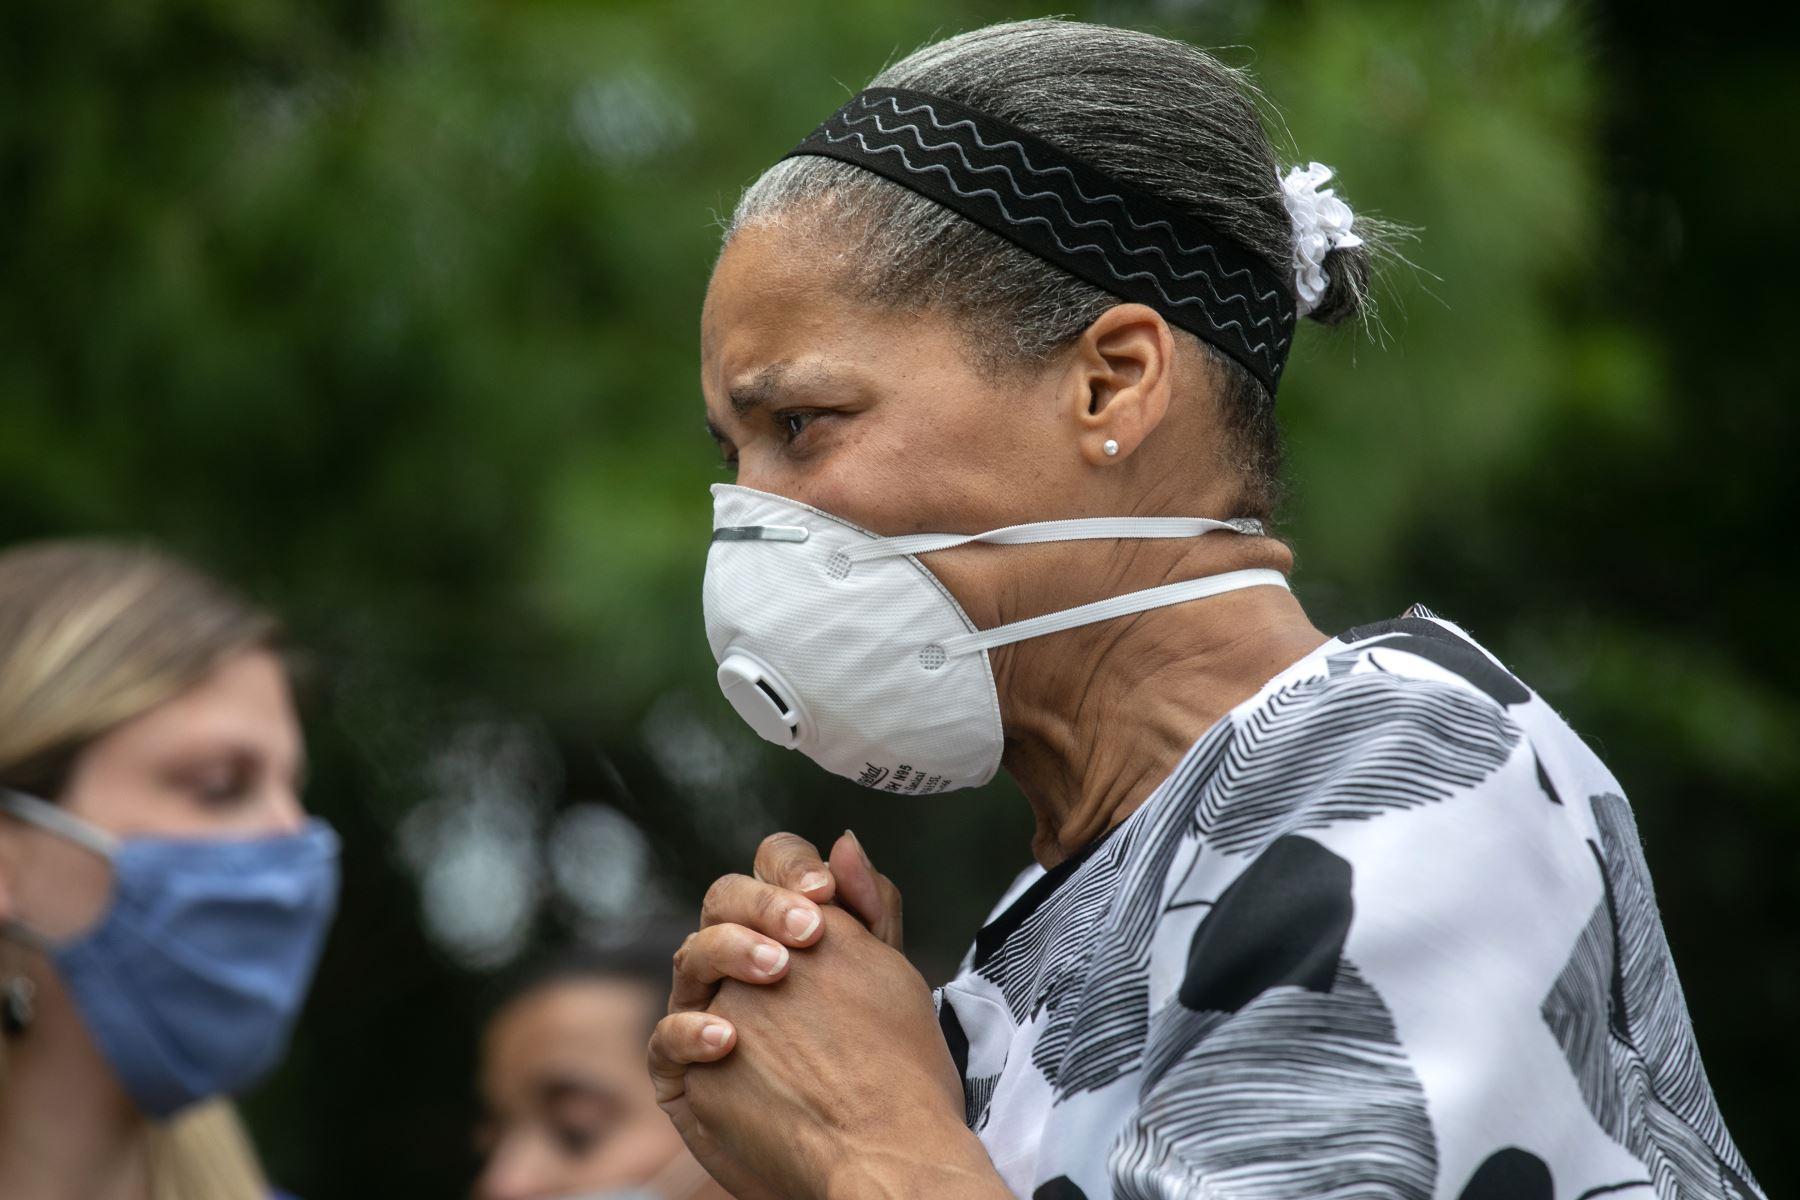 Estados Unidos sigue con un incremento vertiginoso de casos ahora con más de 70,000 tras haber superado por primera vez los 60,000 el pasado 7 de julio. Foto: AFP